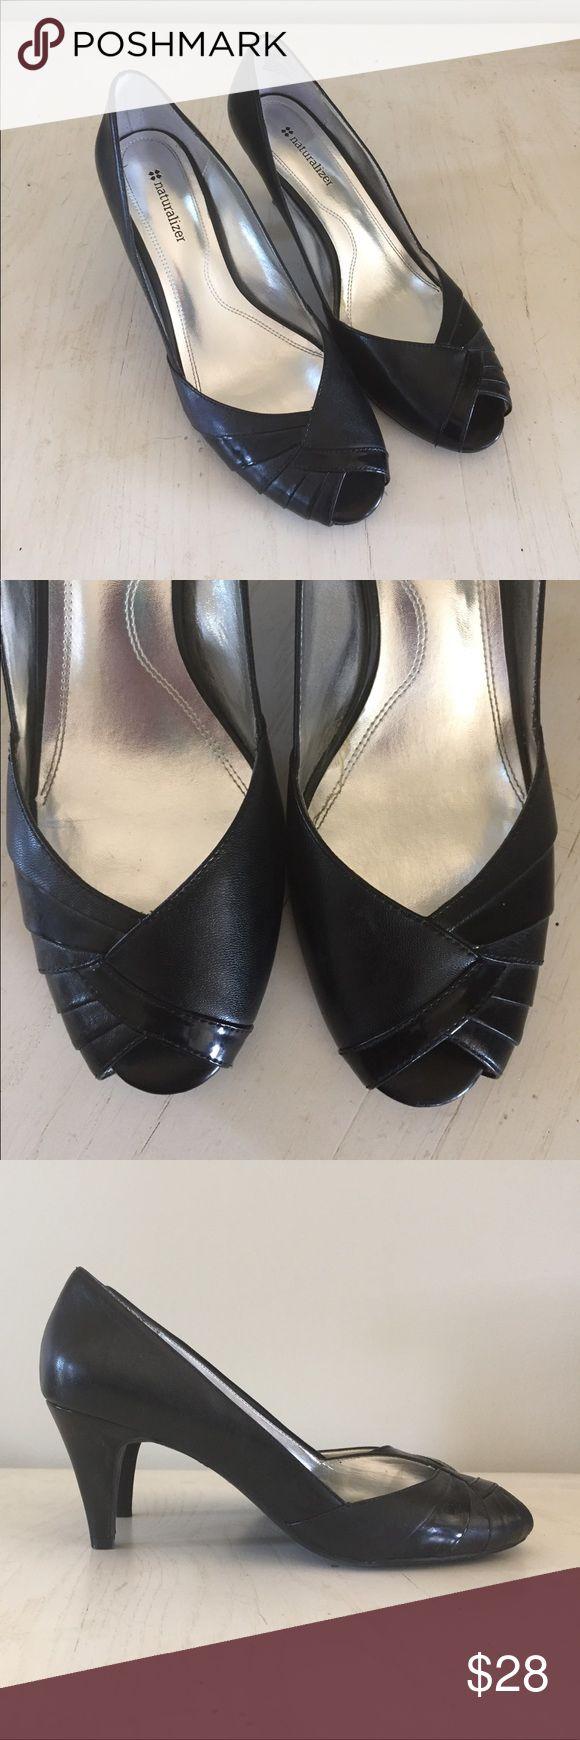 Black peep toe heels Black peep toe heels. Naturalizer Shoes Heels